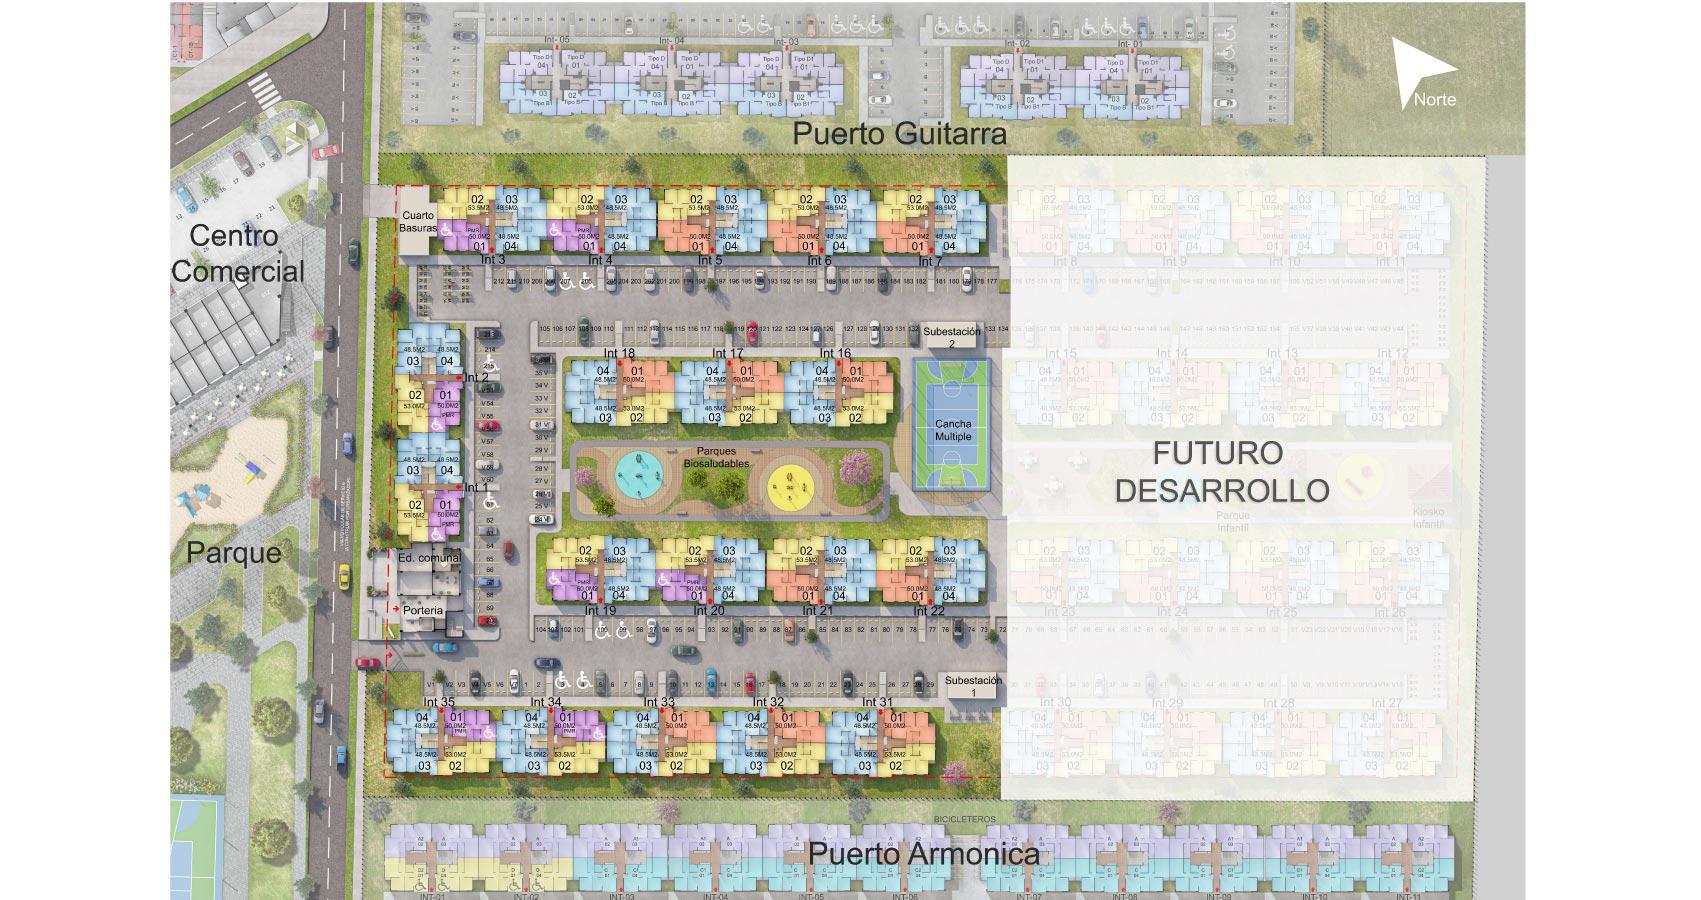 Puerto Címbalo proyecto vivienda con subsidio en Soledad Constructora Bolívar